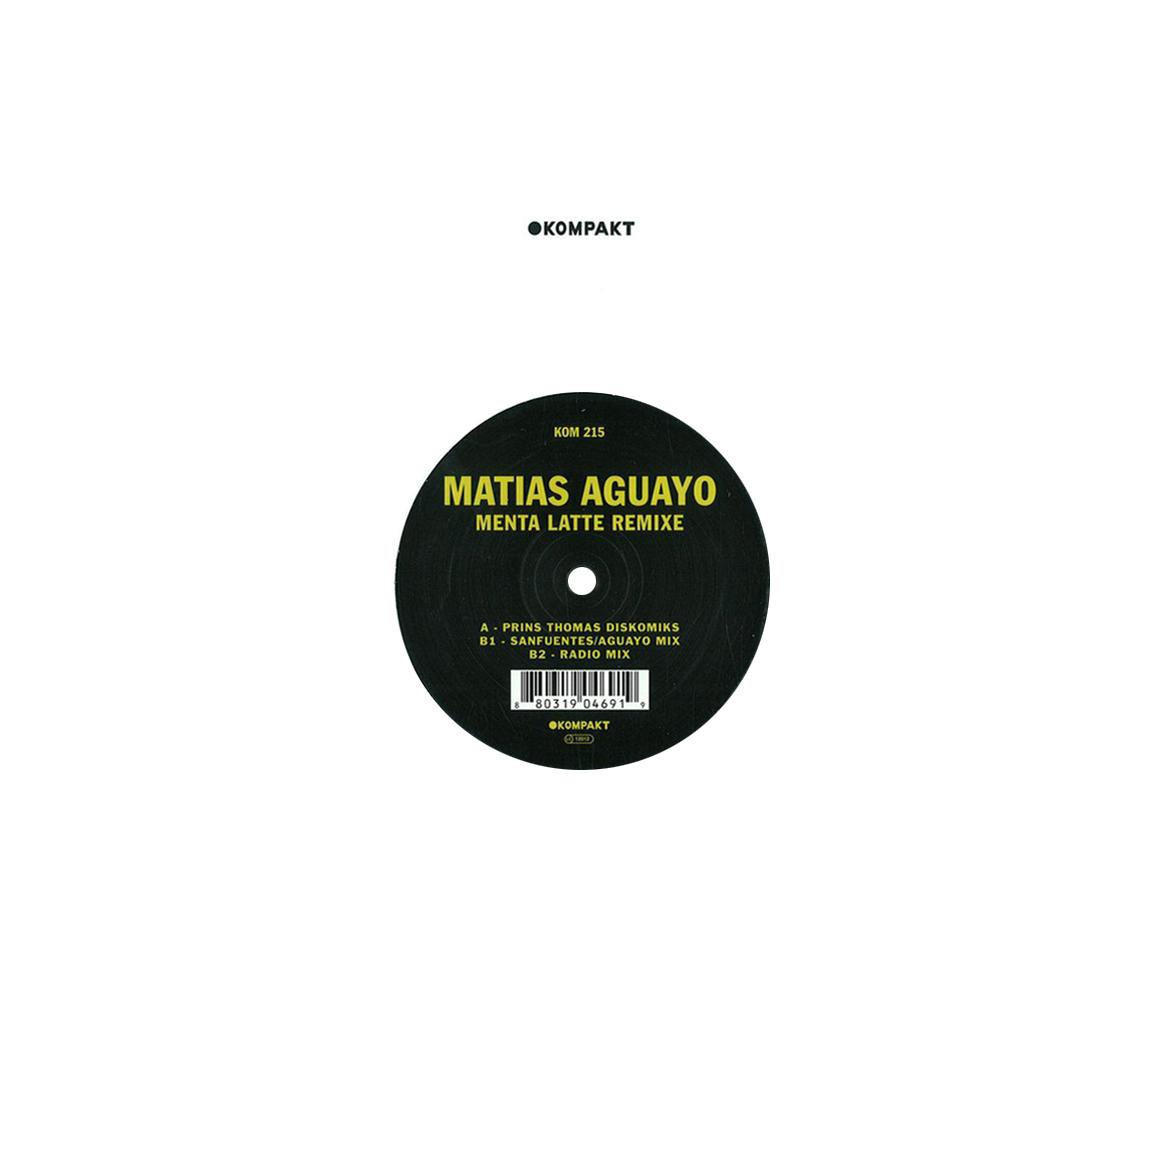 Matias-Aguayo-Menta-Latte-Remixe